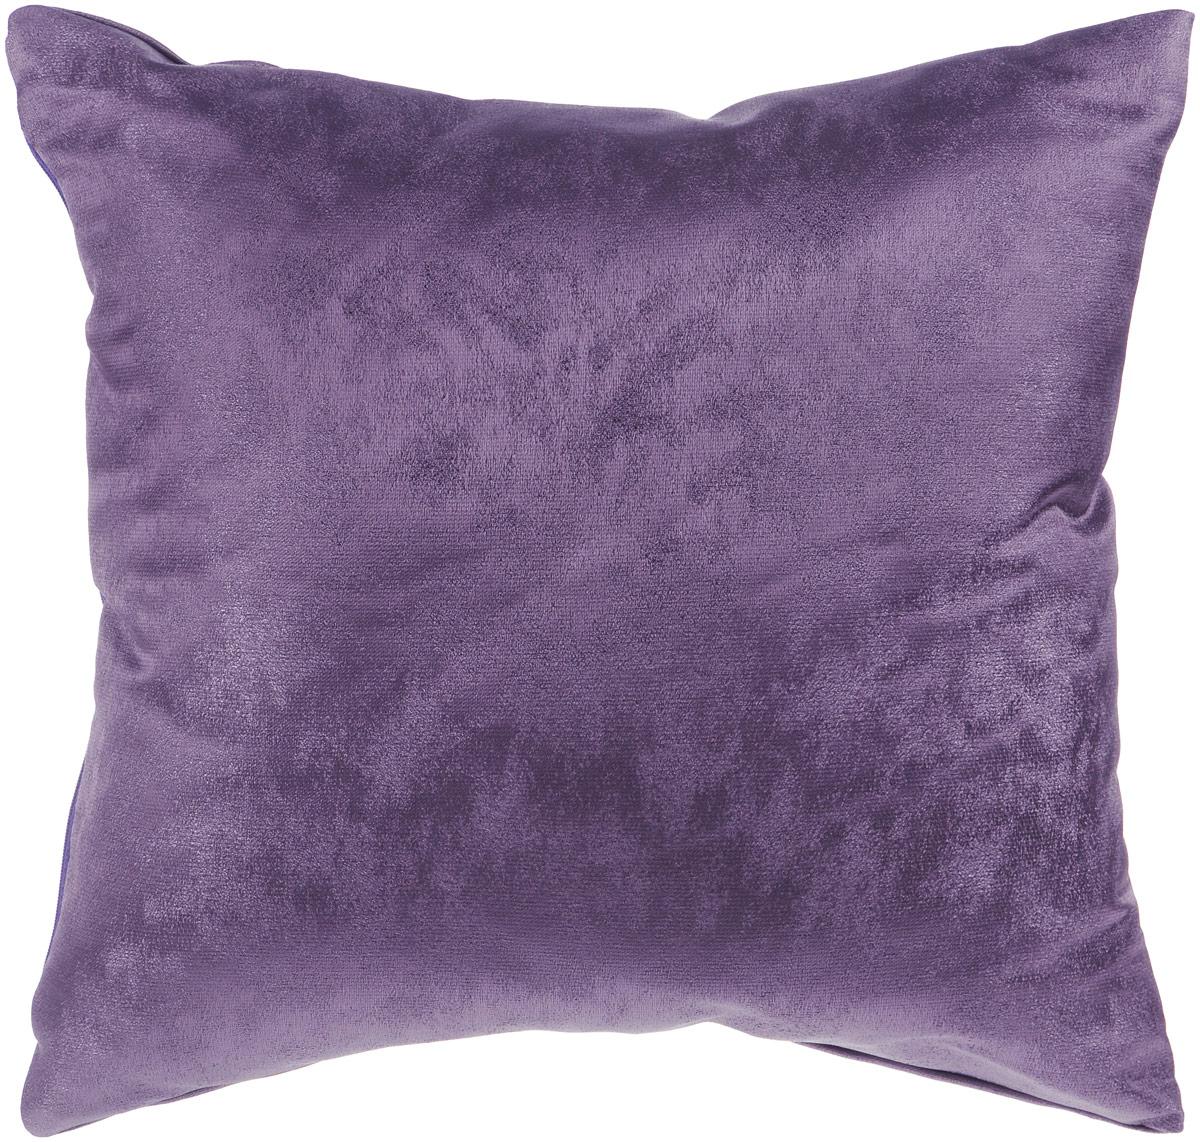 Подушка декоративная KauffOrt Магия, цвет: фиолетовый, 40 x 40 см8812Декоративная подушка Магия прекрасно дополнит интерьер спальни или гостиной. Приятный на ощупь чехол подушки выполнен из полиэстера. Внутри находится мягкий наполнитель. Чехол легко снимается благодаря потайной молнии в тон ткани.Красивая подушка создаст атмосферу уюта и комфорта в спальне и станет прекрасным элементом декора.